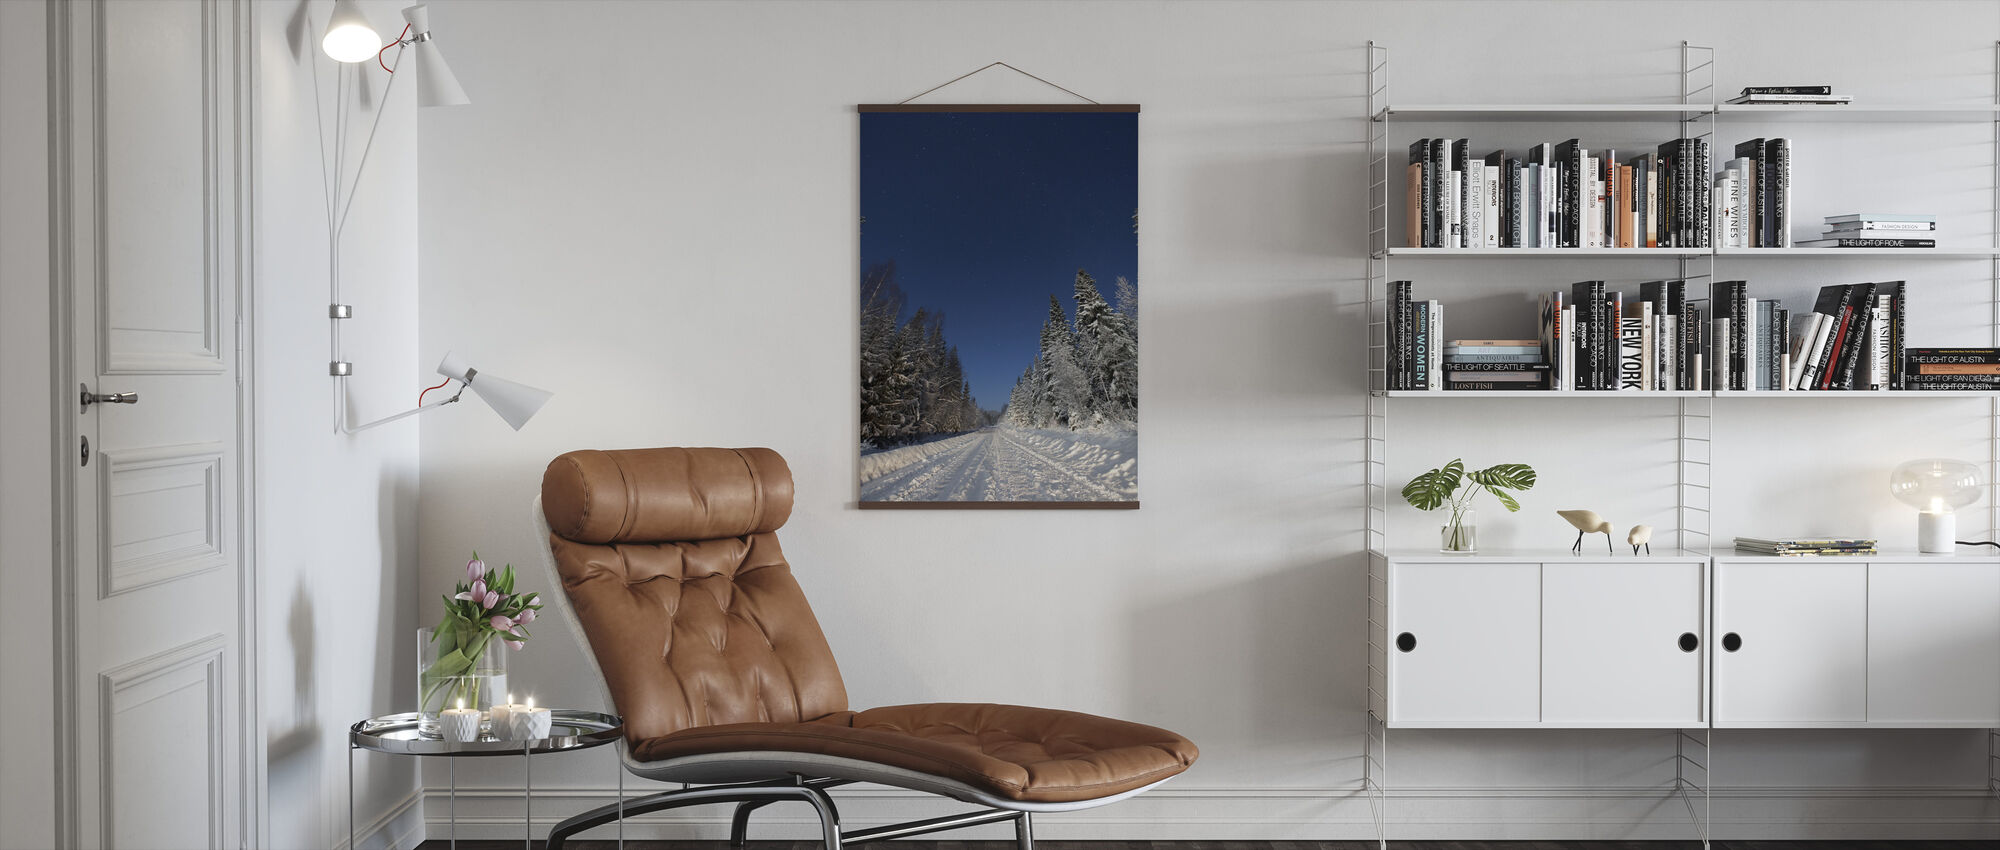 Winter Landscape in Mora, Sweden - Poster - Living Room